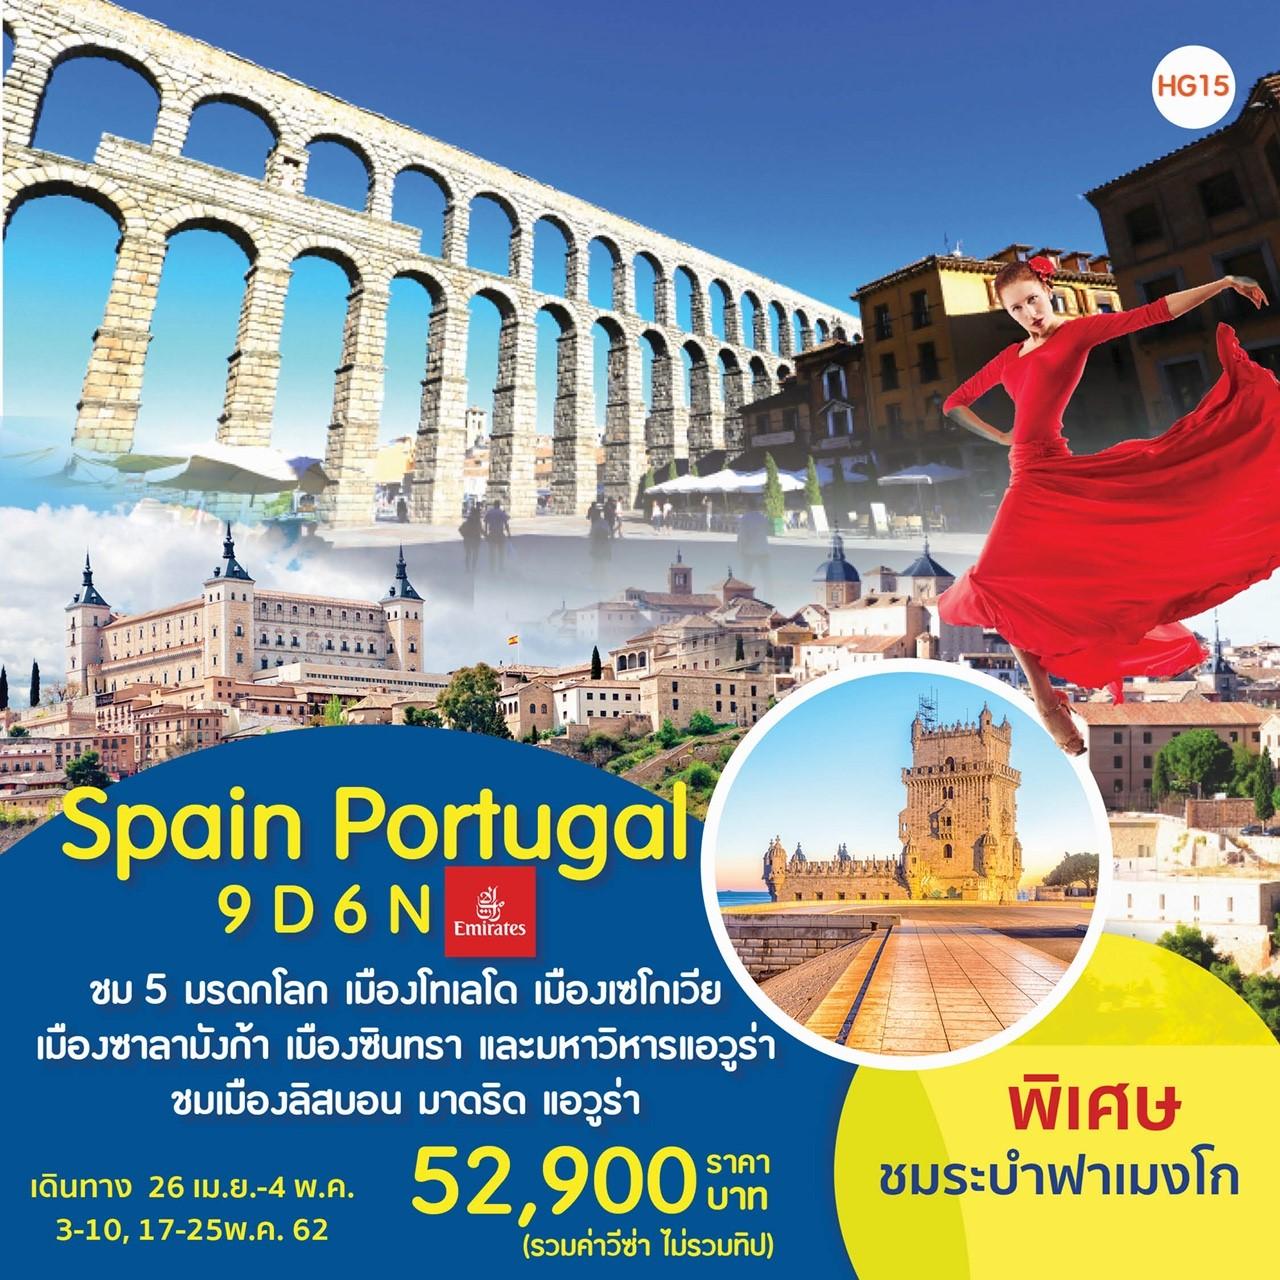 ทัวร์สเปน SPAIN PORTUGAL 9 วัน 6 คืน EK ( FSTV )